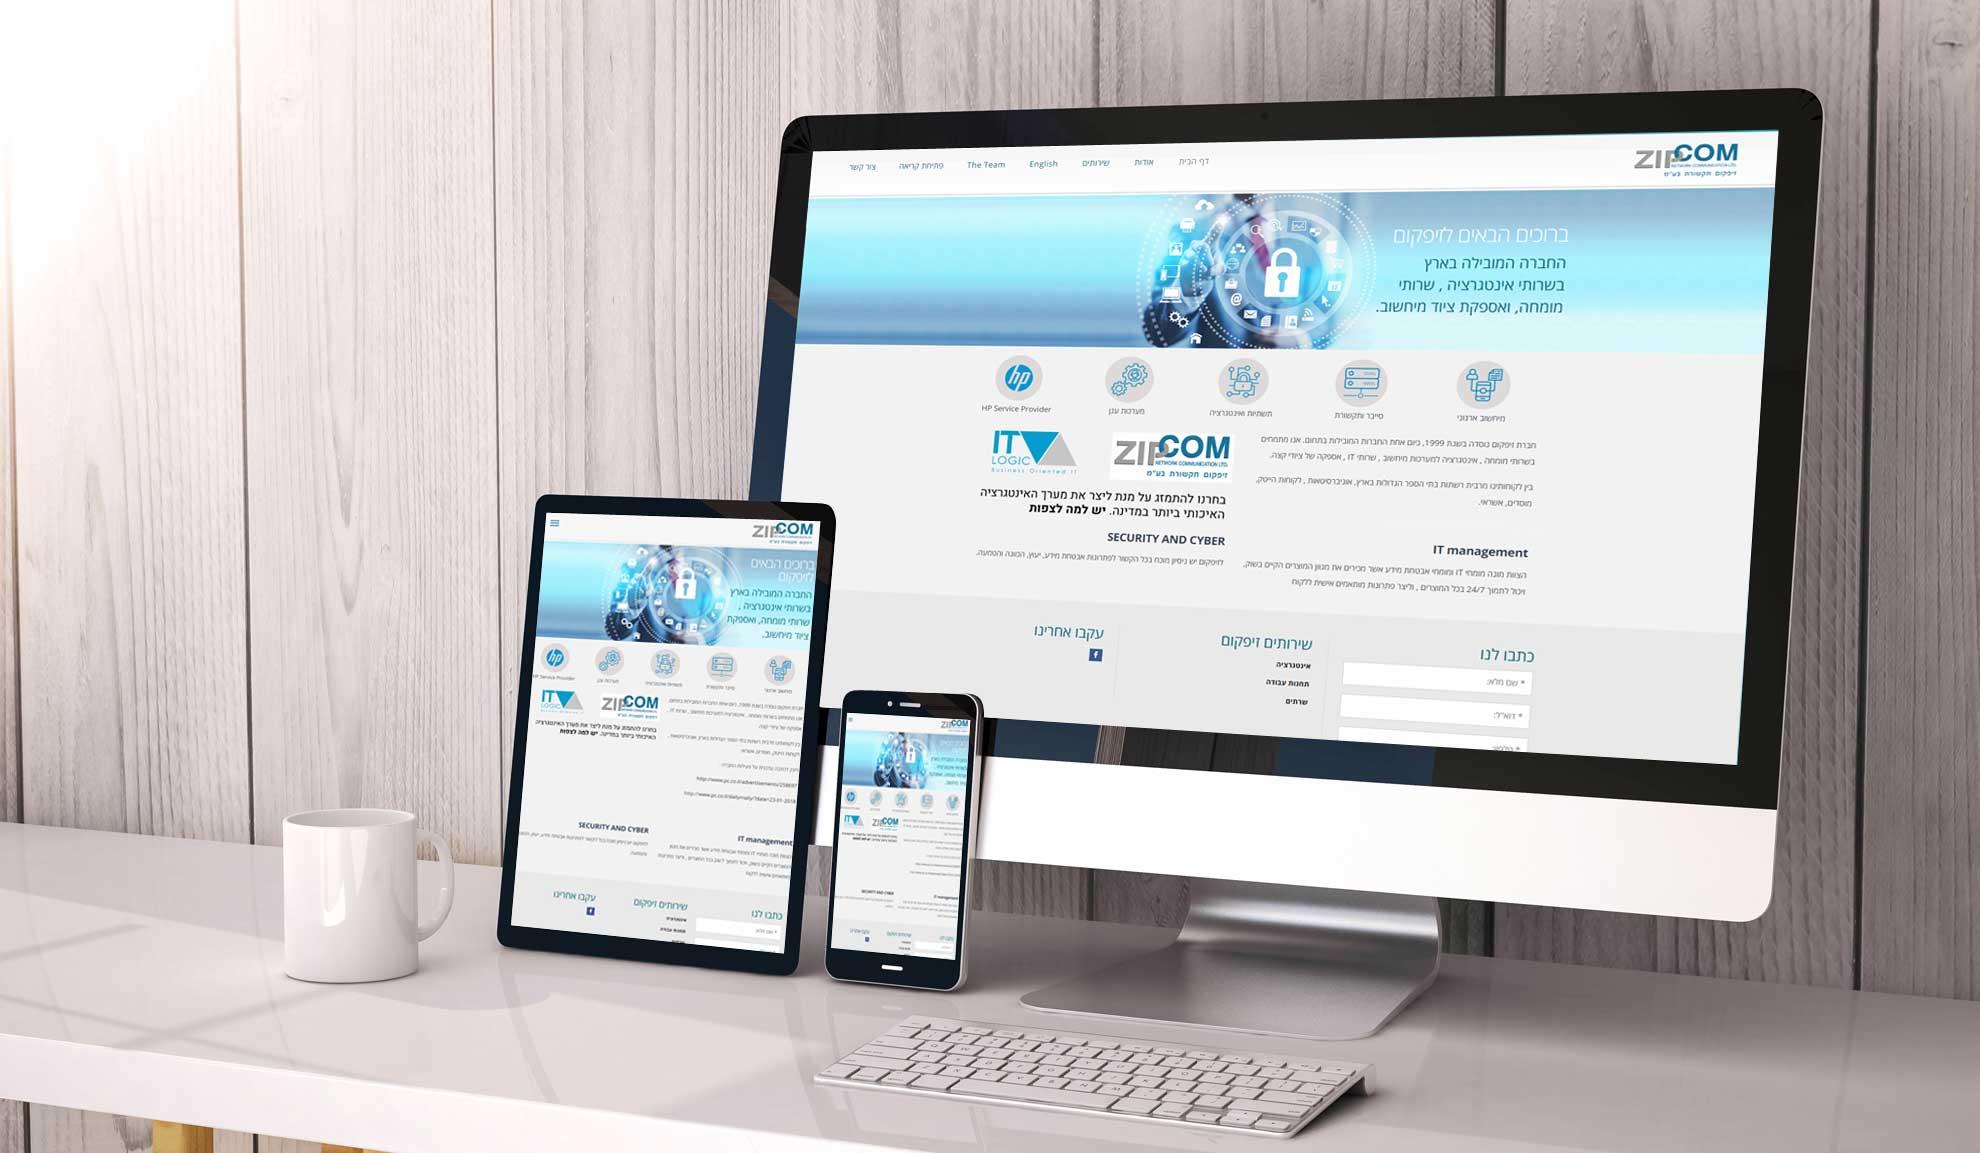 עיצוב ובניית אתר תדמיתי לחברת אינטגרציה זיפקום Zipcom